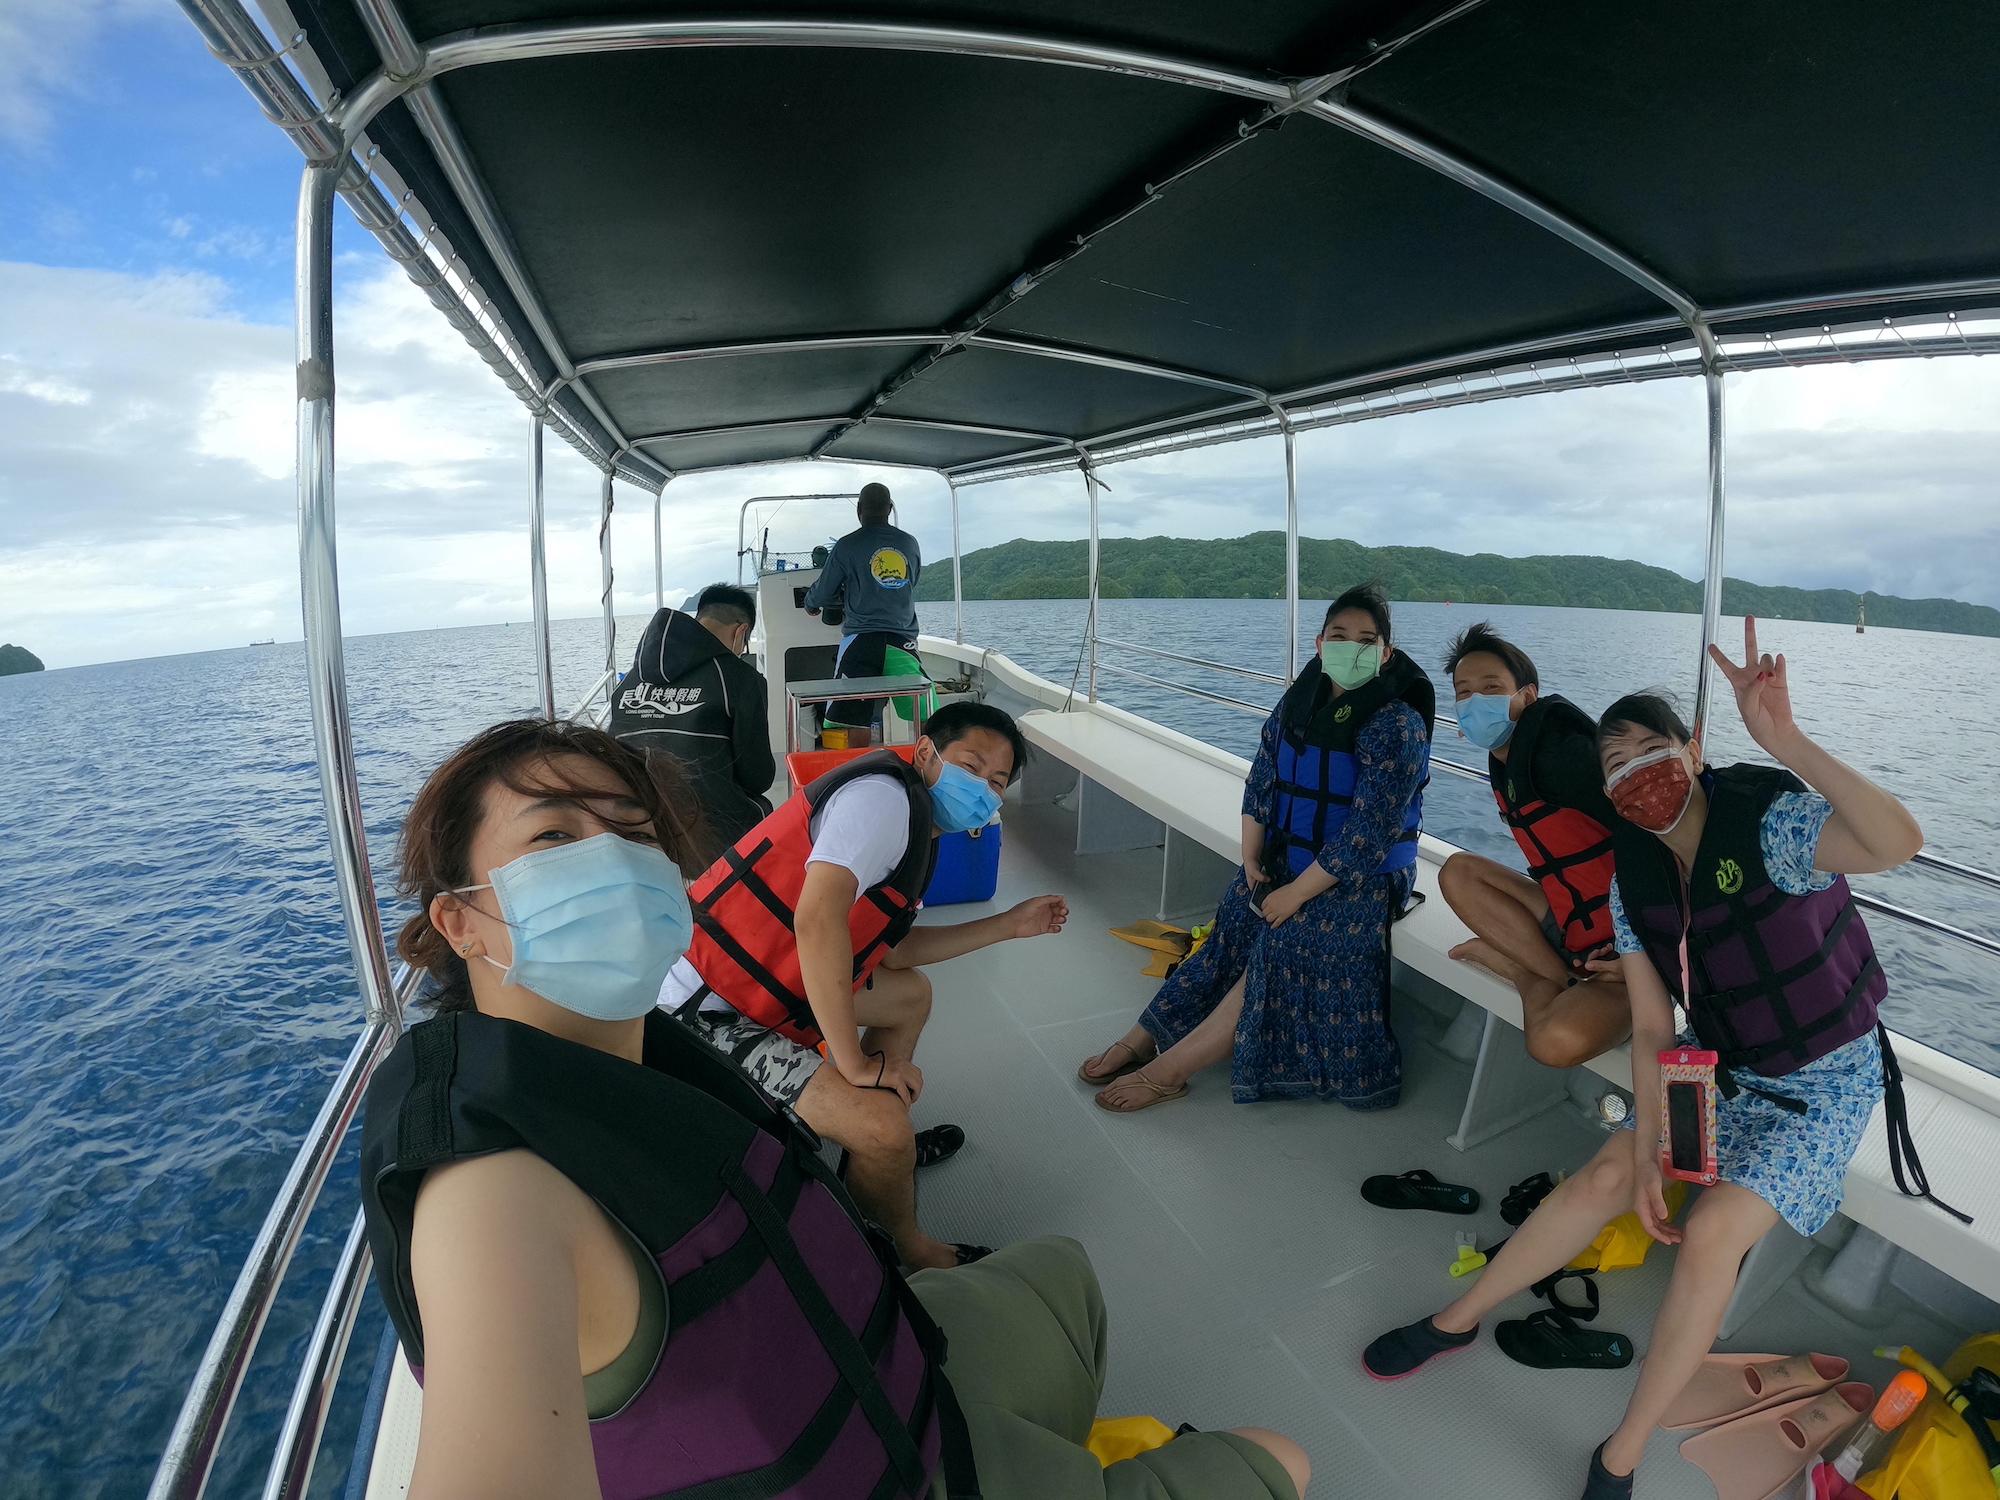 ボートの上でマスクしながら自撮り